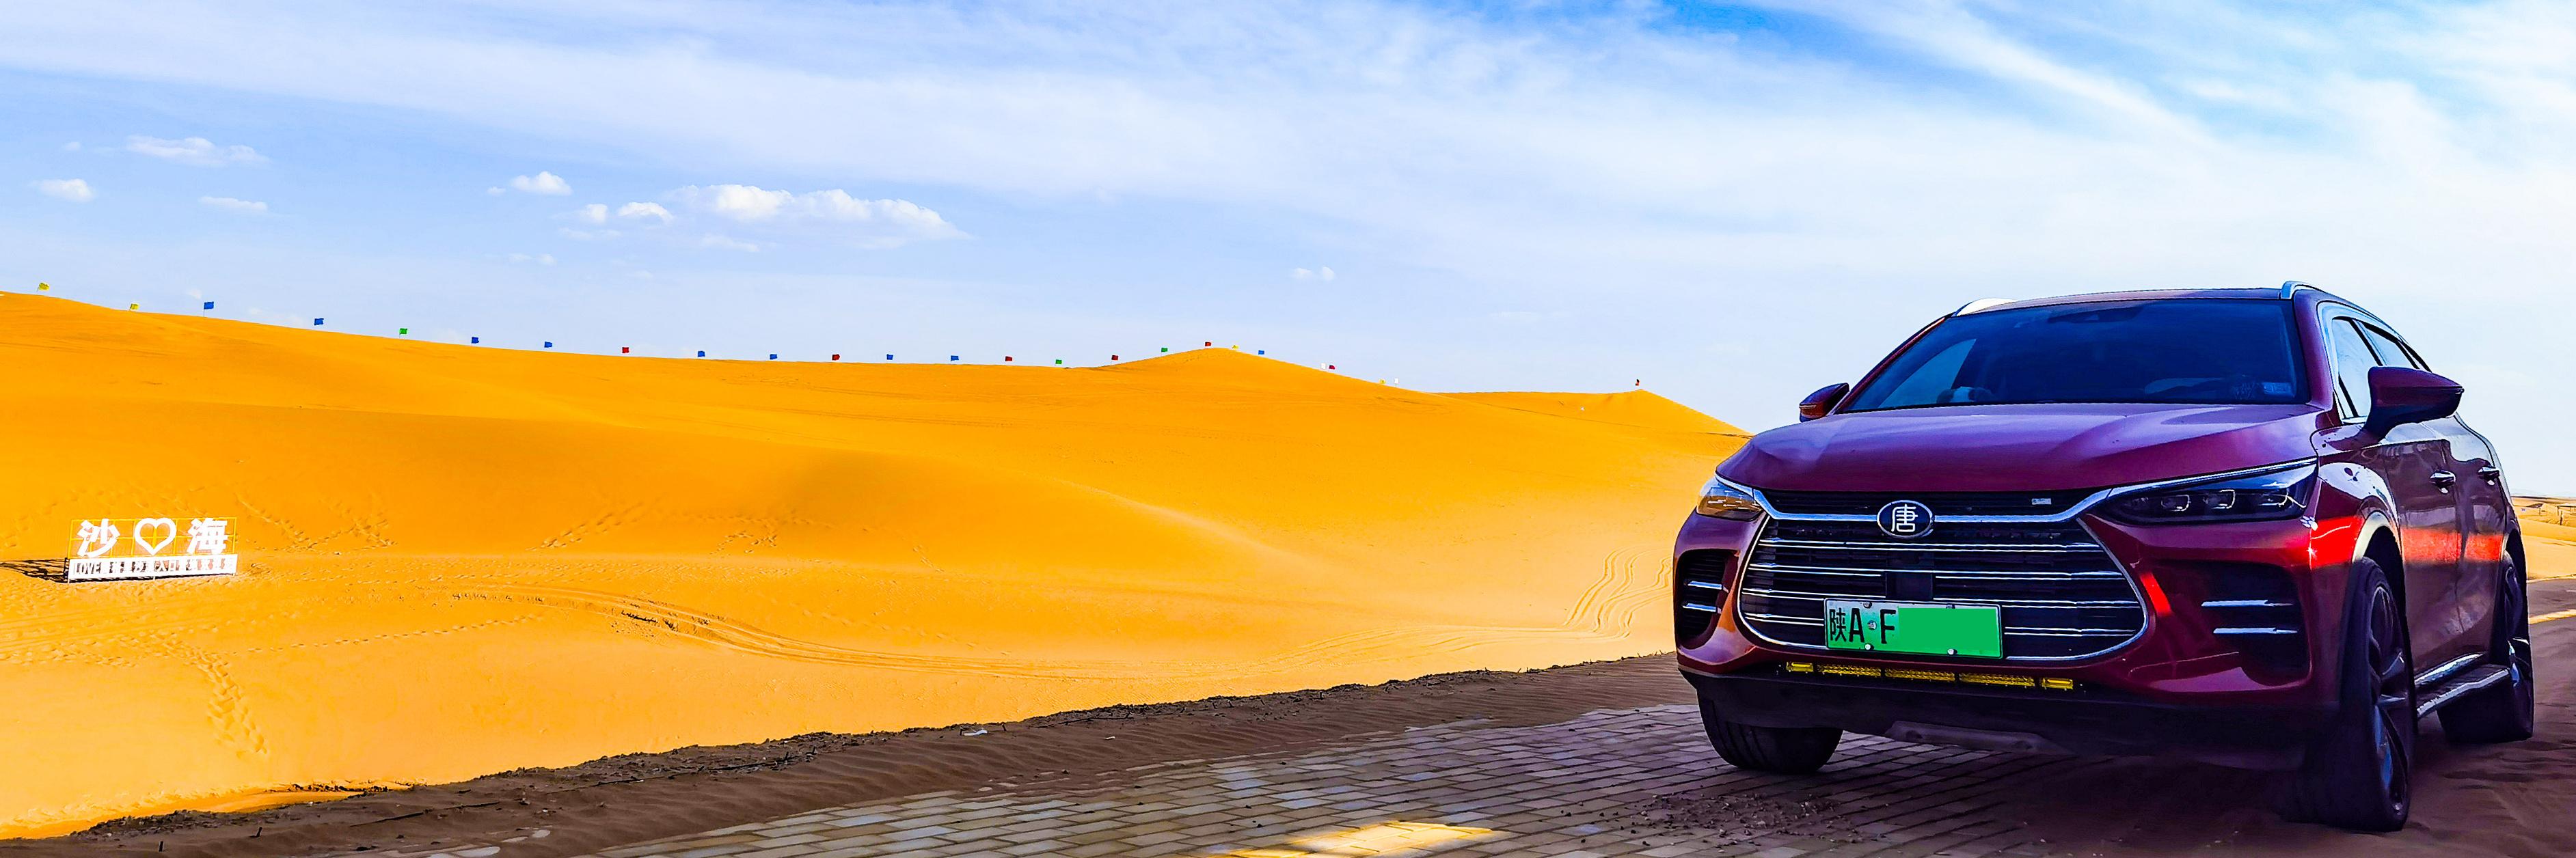 花卷爸唐DM西部行--腾格里沙漠中的一天